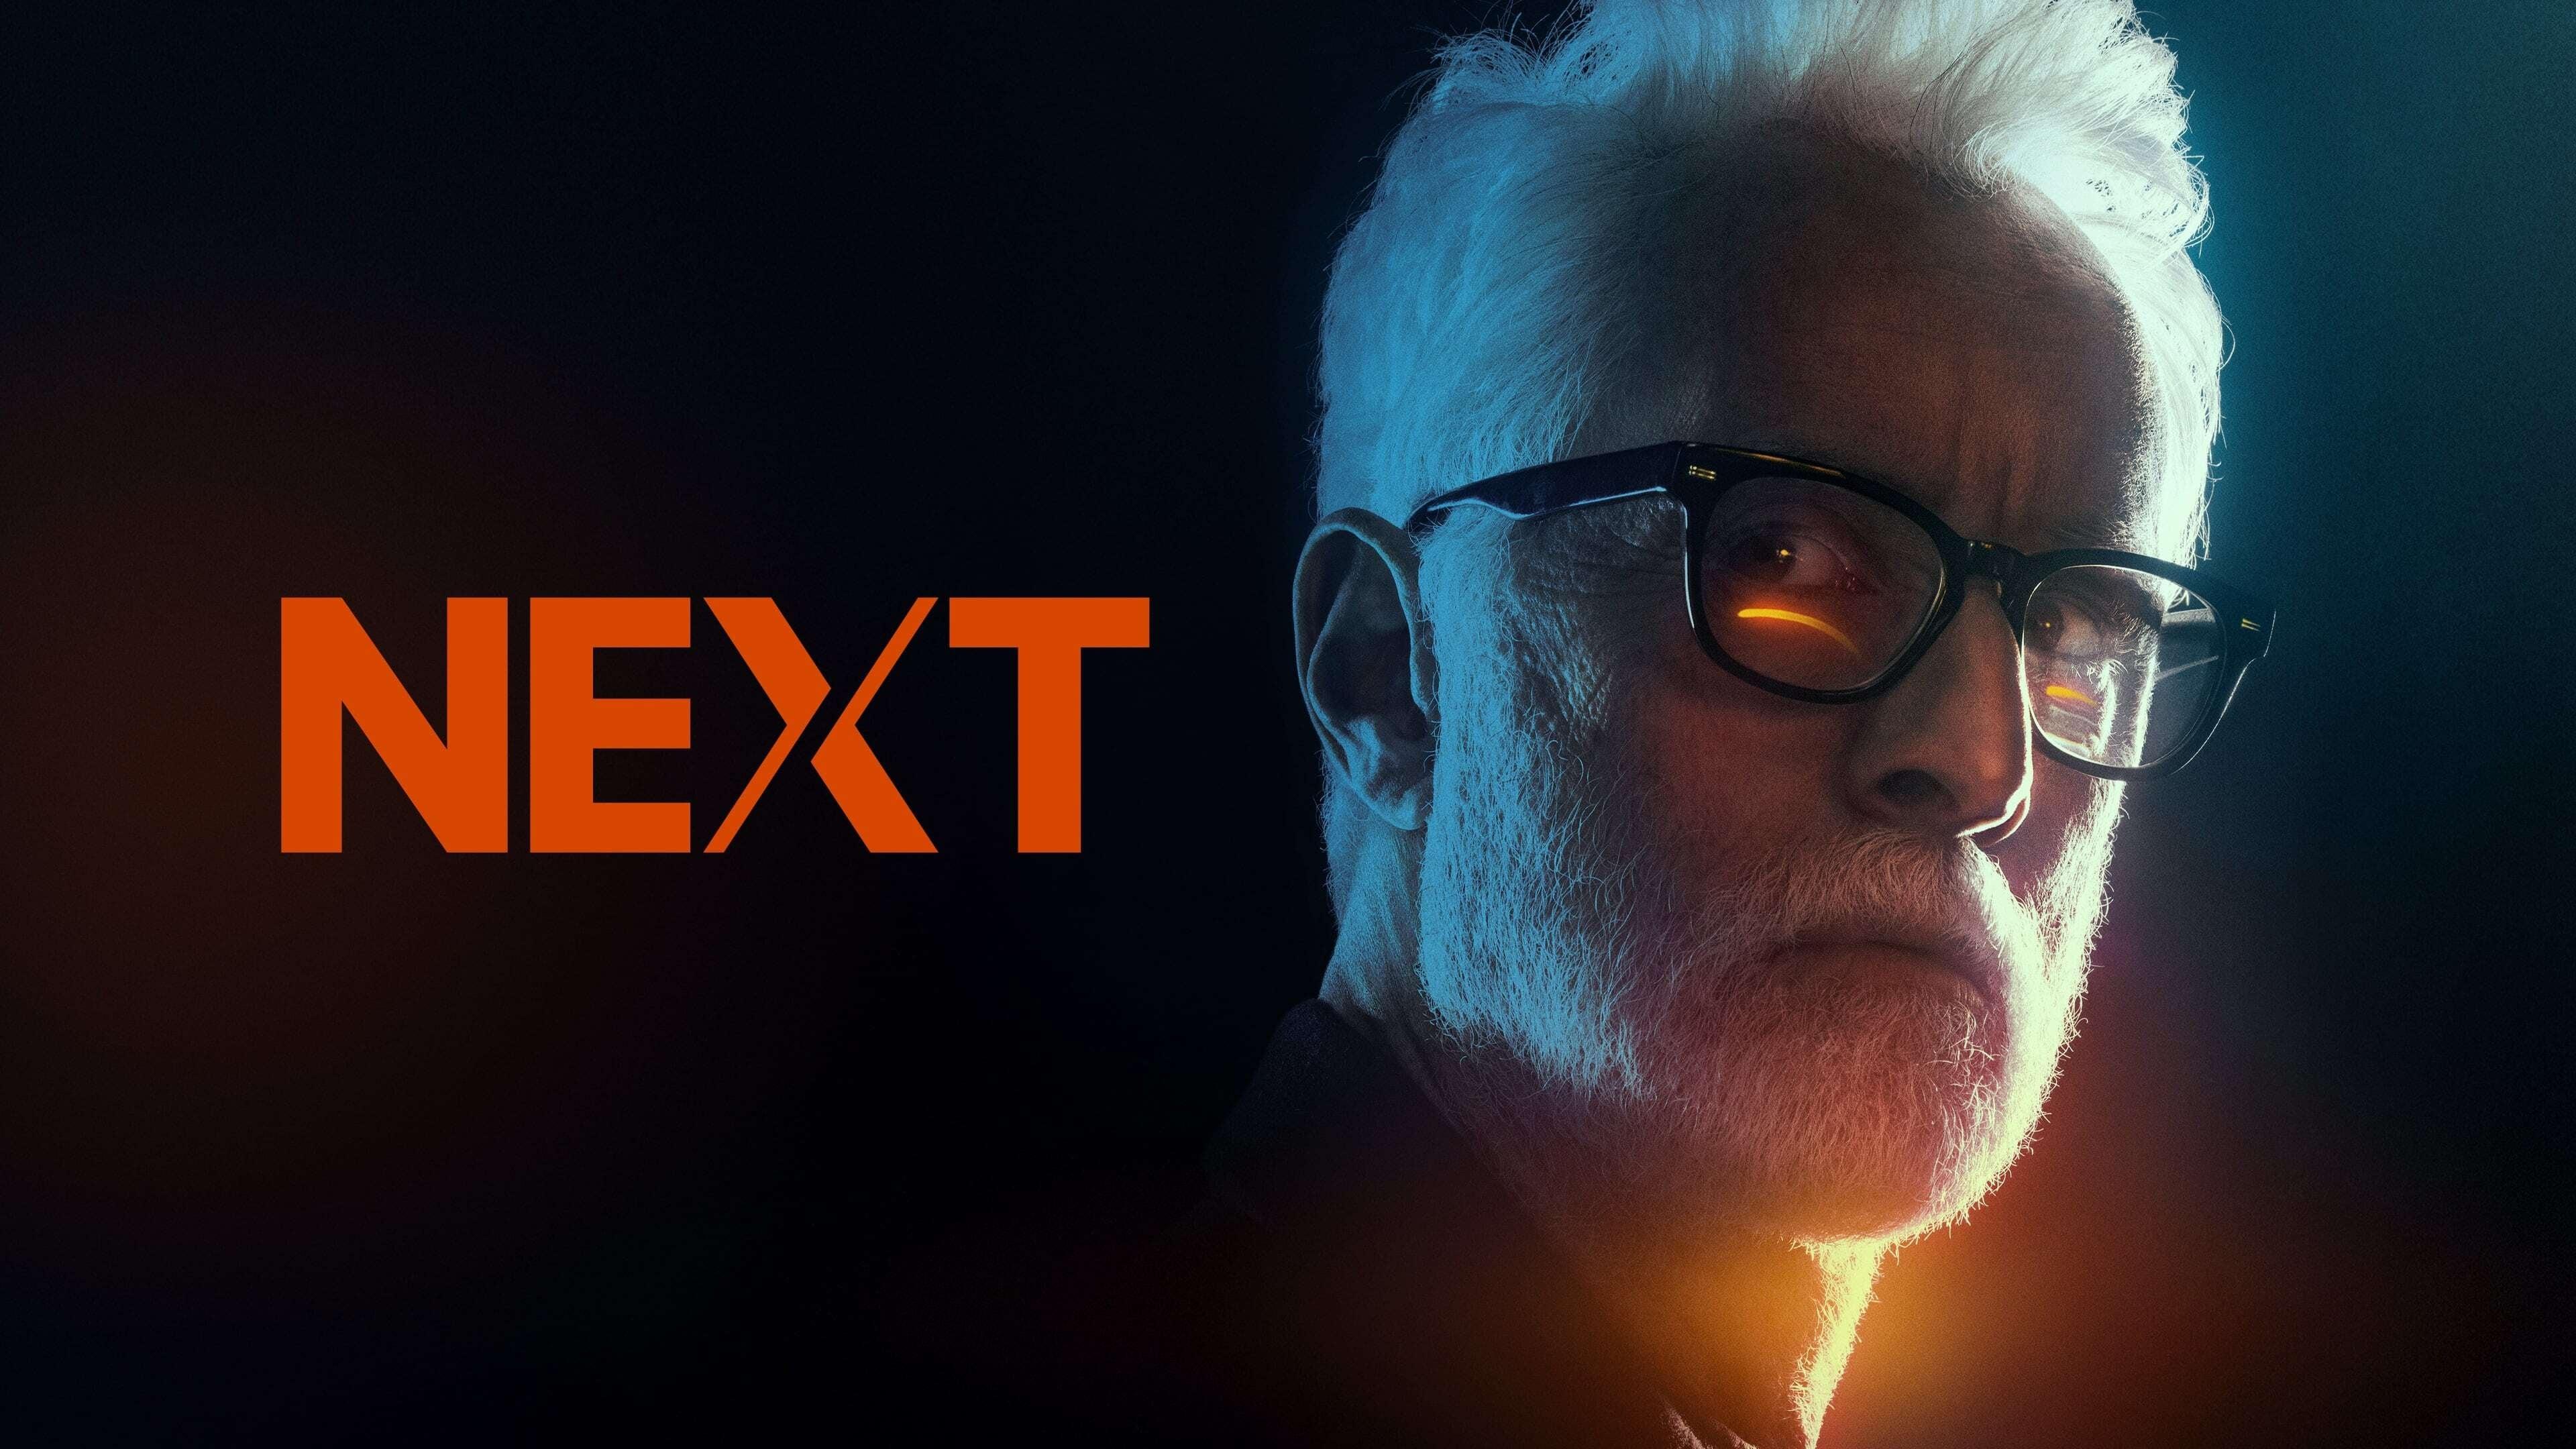 neXt (2020) binnenkort in Nederland te zien op FOX